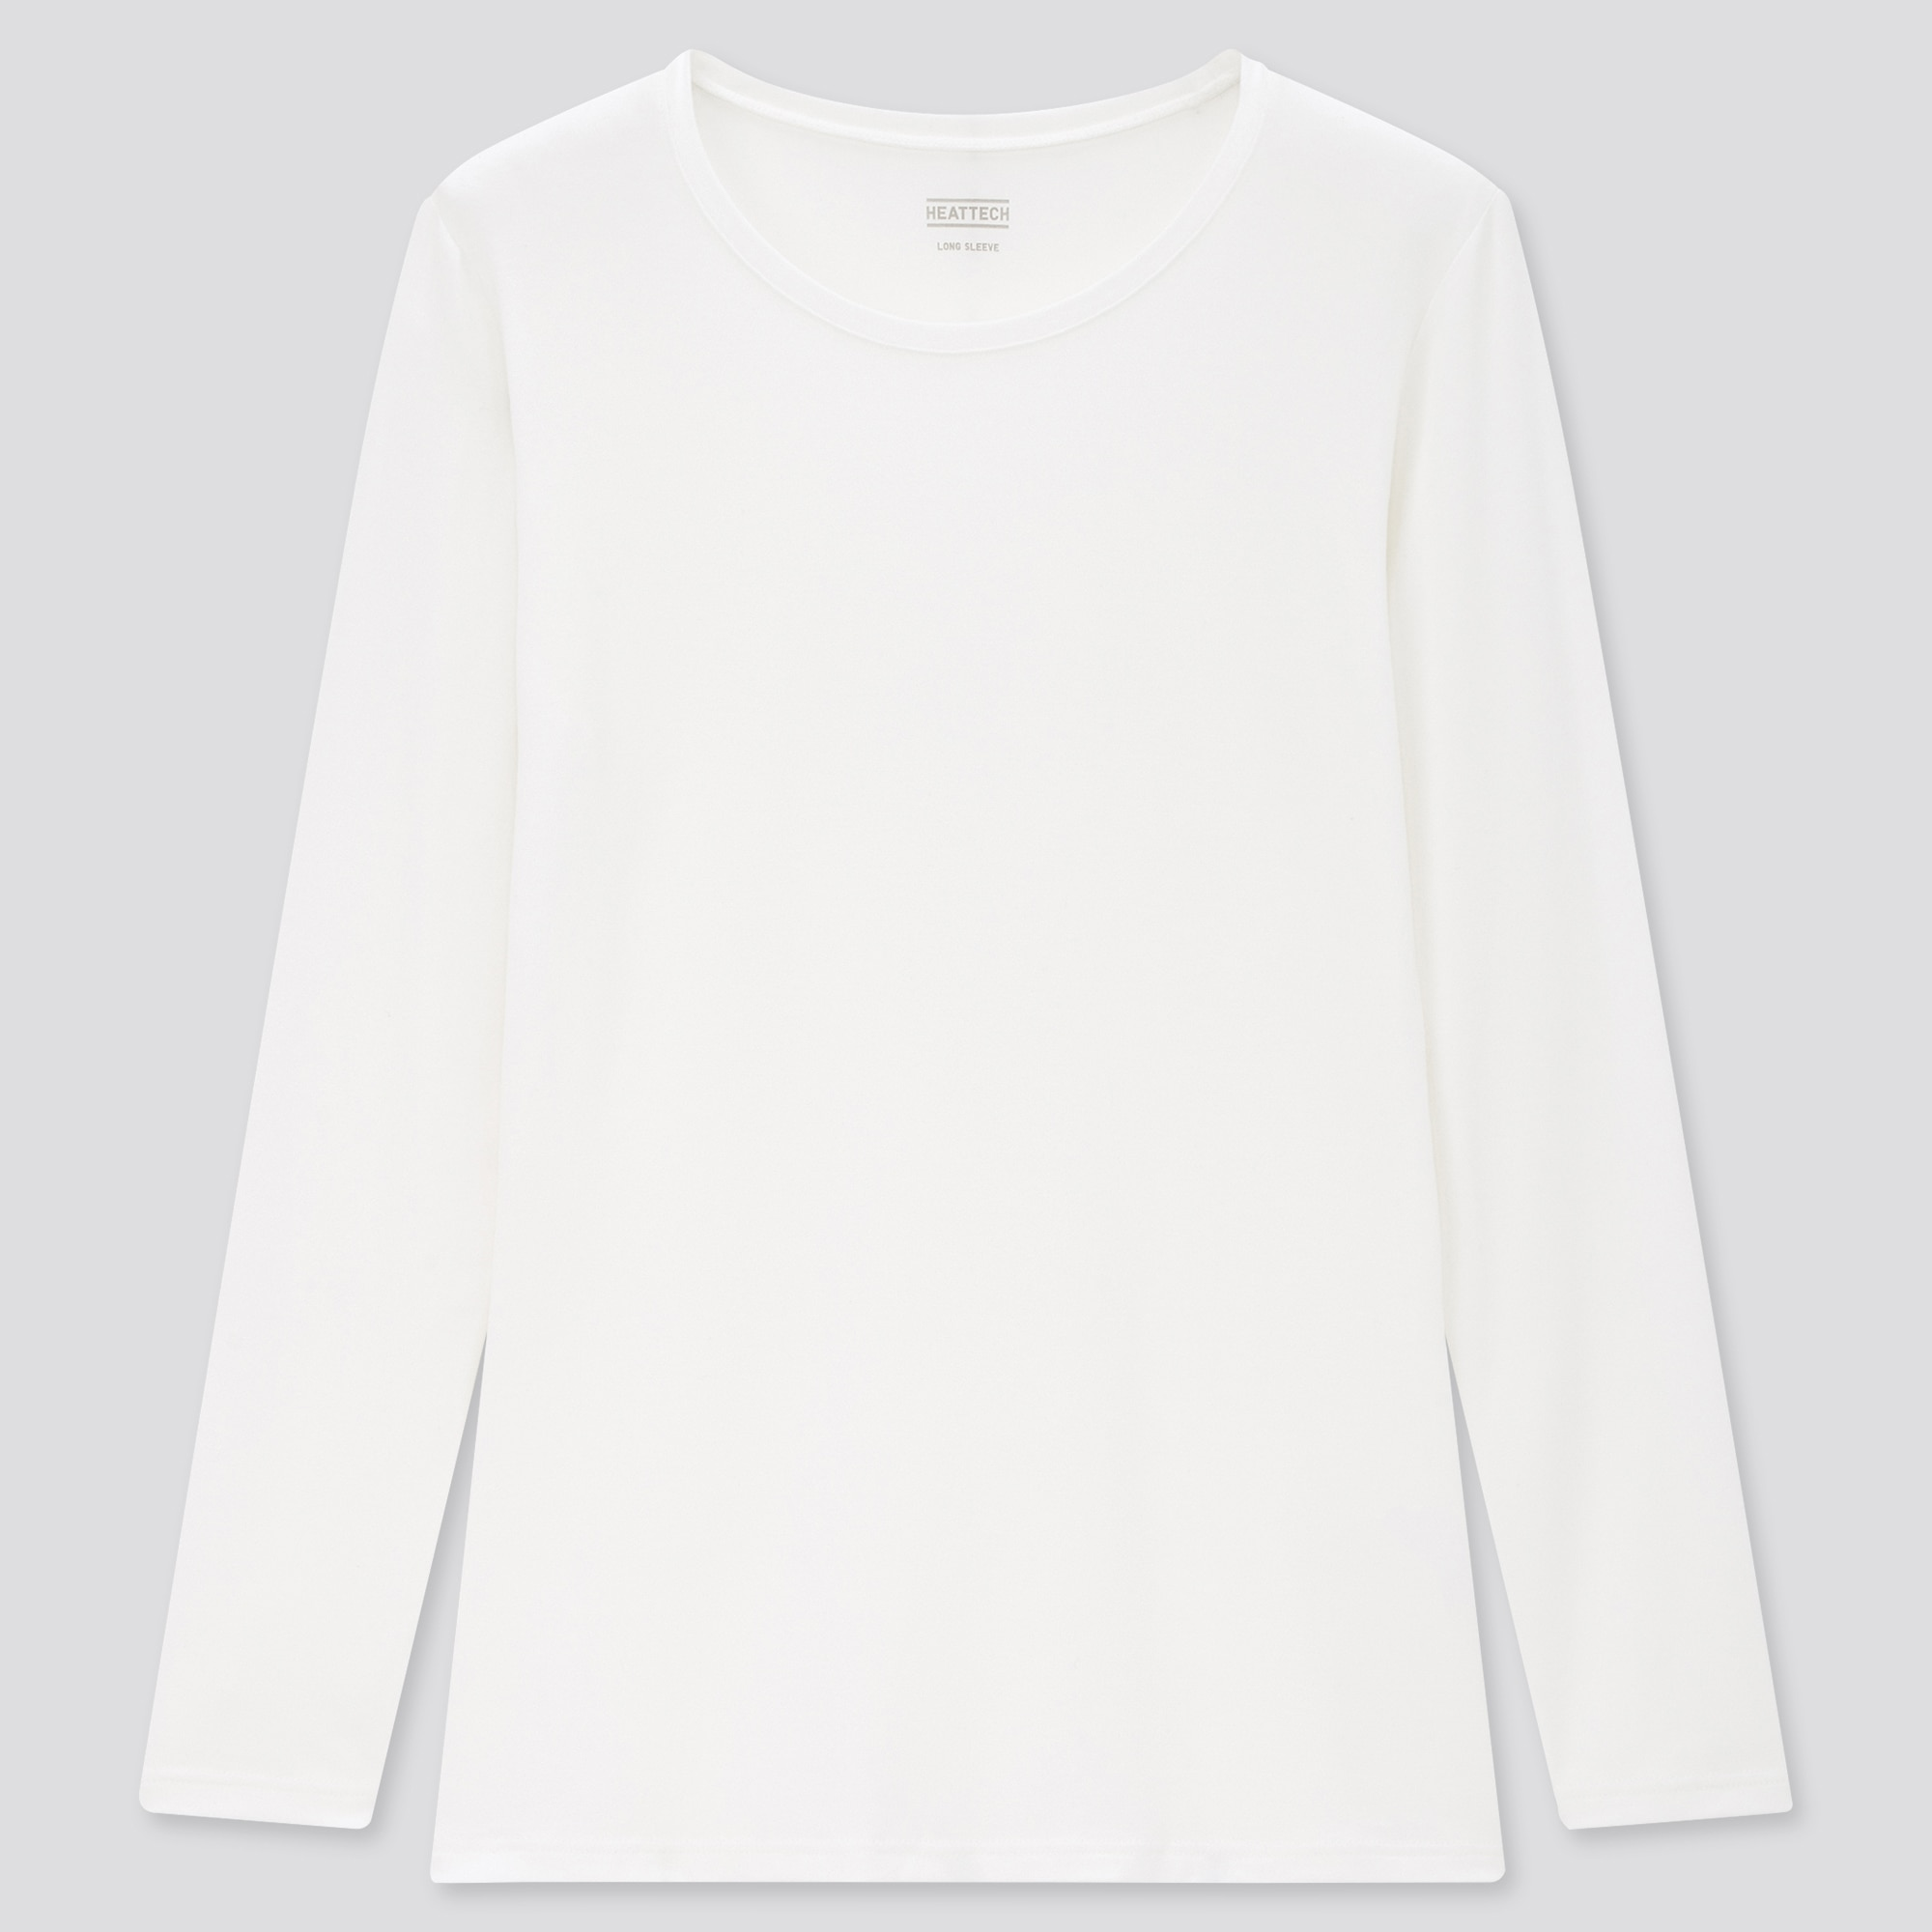 women HEATTECH crew neck long-sleeve t-shirt